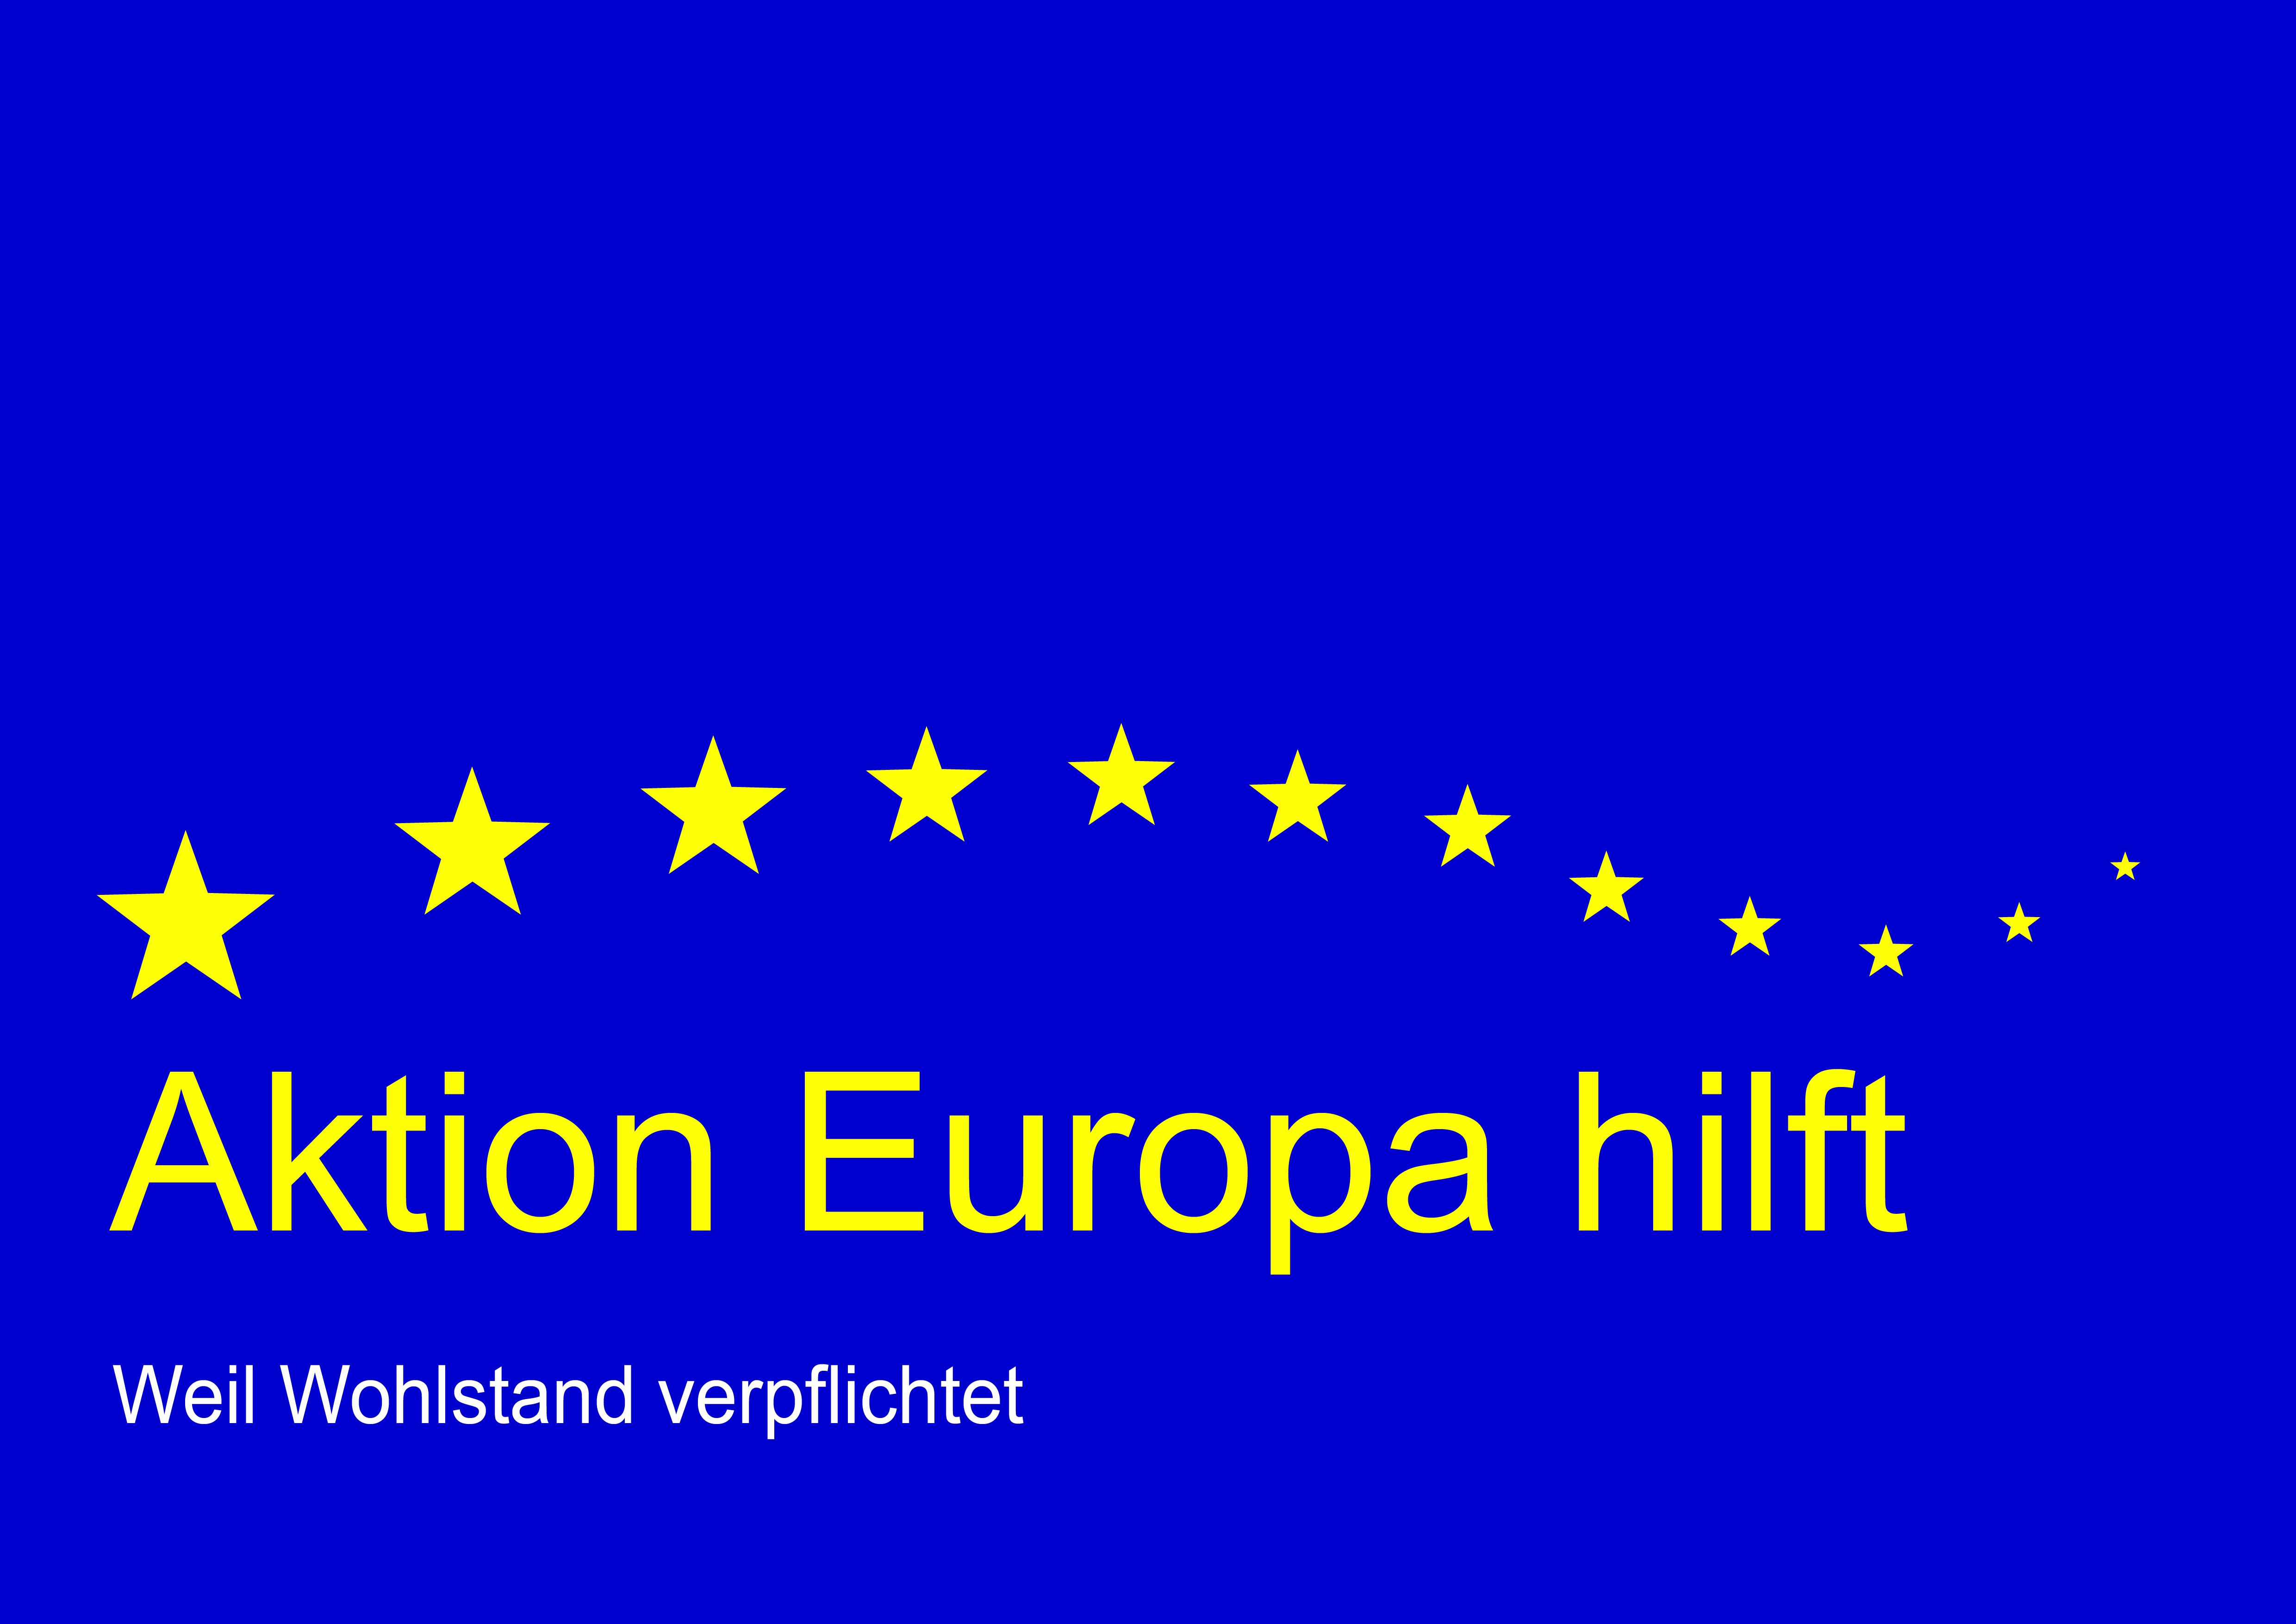 AKTION-EUROPA-HILFT